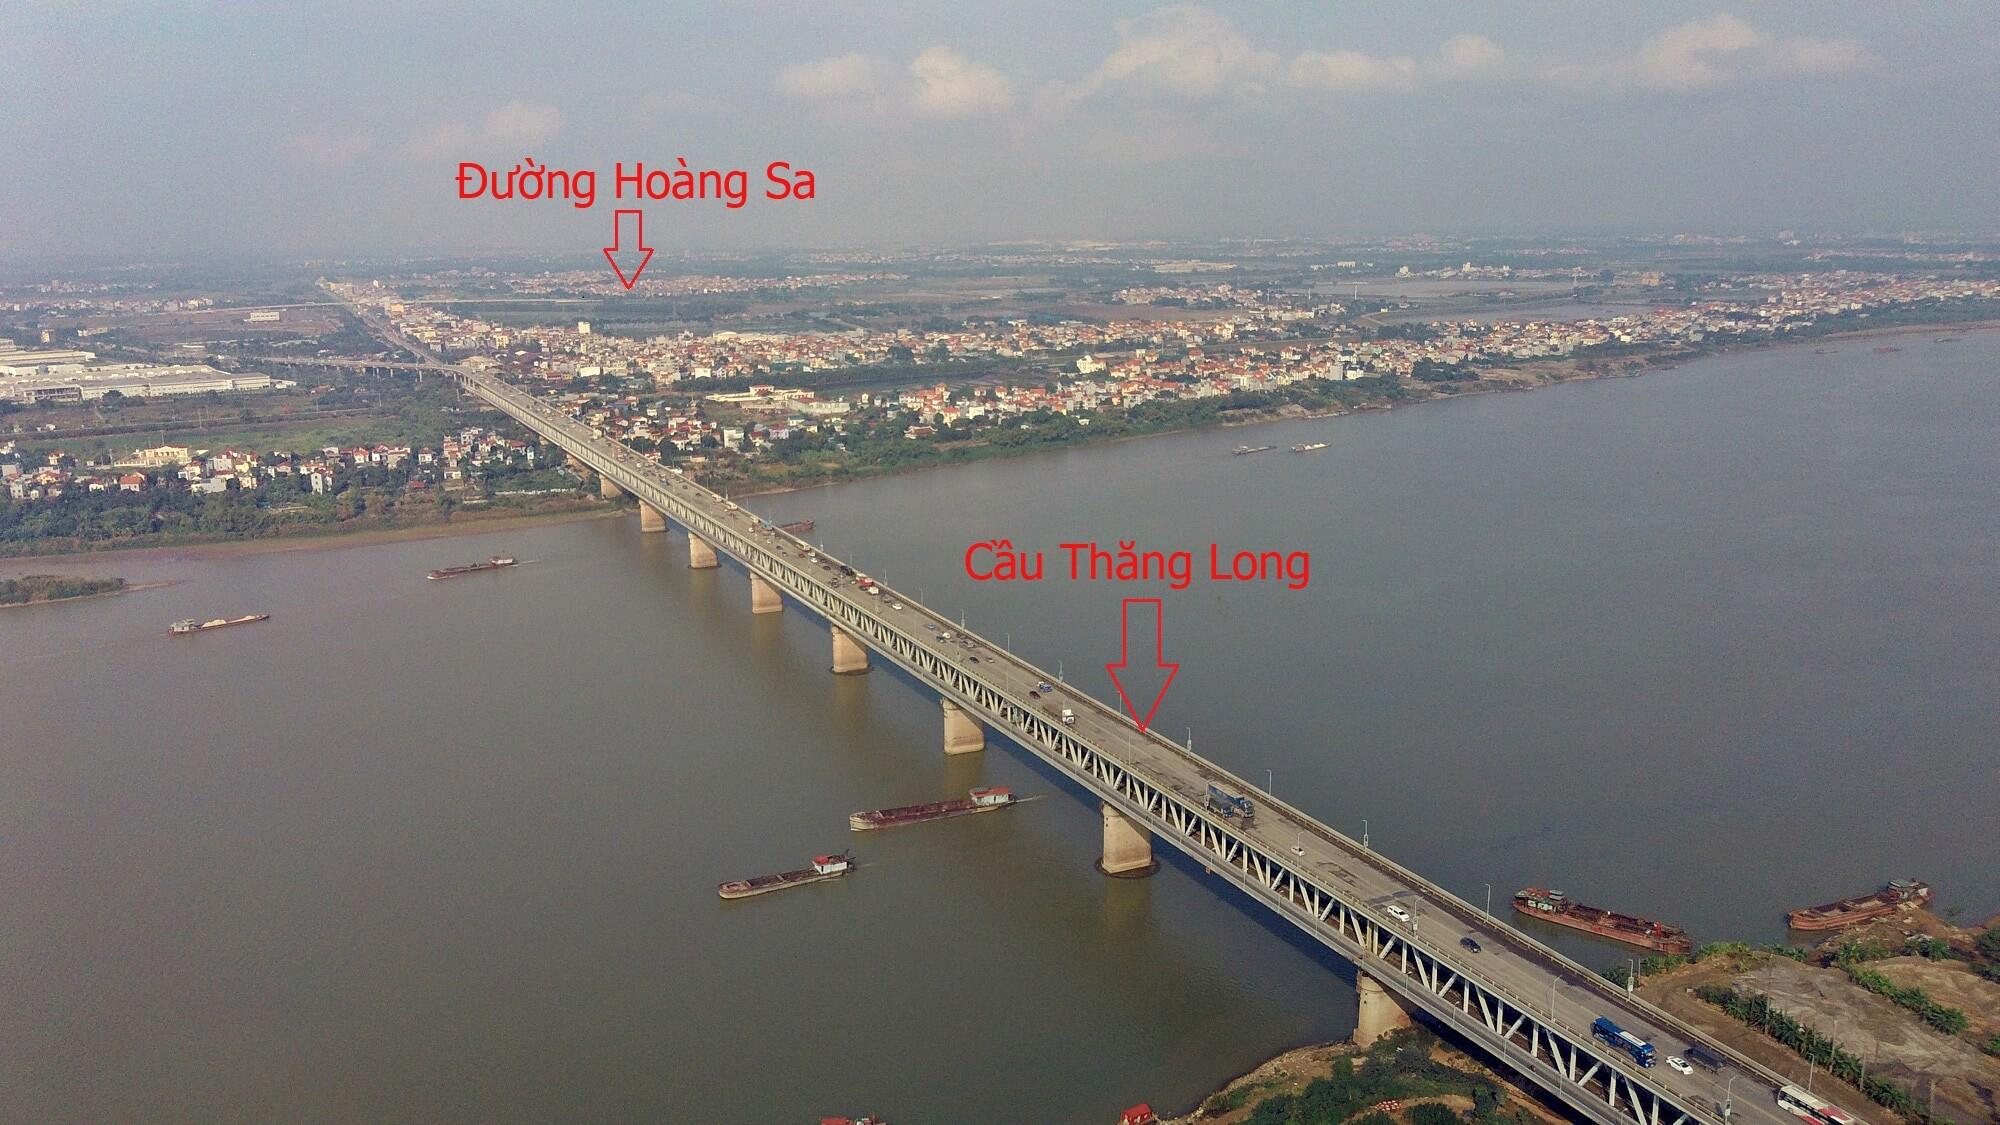 Nhờ có cầu Thượng Cát, người dân không cần đi qua cầu Thăng Long khi di chuyển giữa quận Bắc Từ Liêm và Đông Anh, Mê Linh.